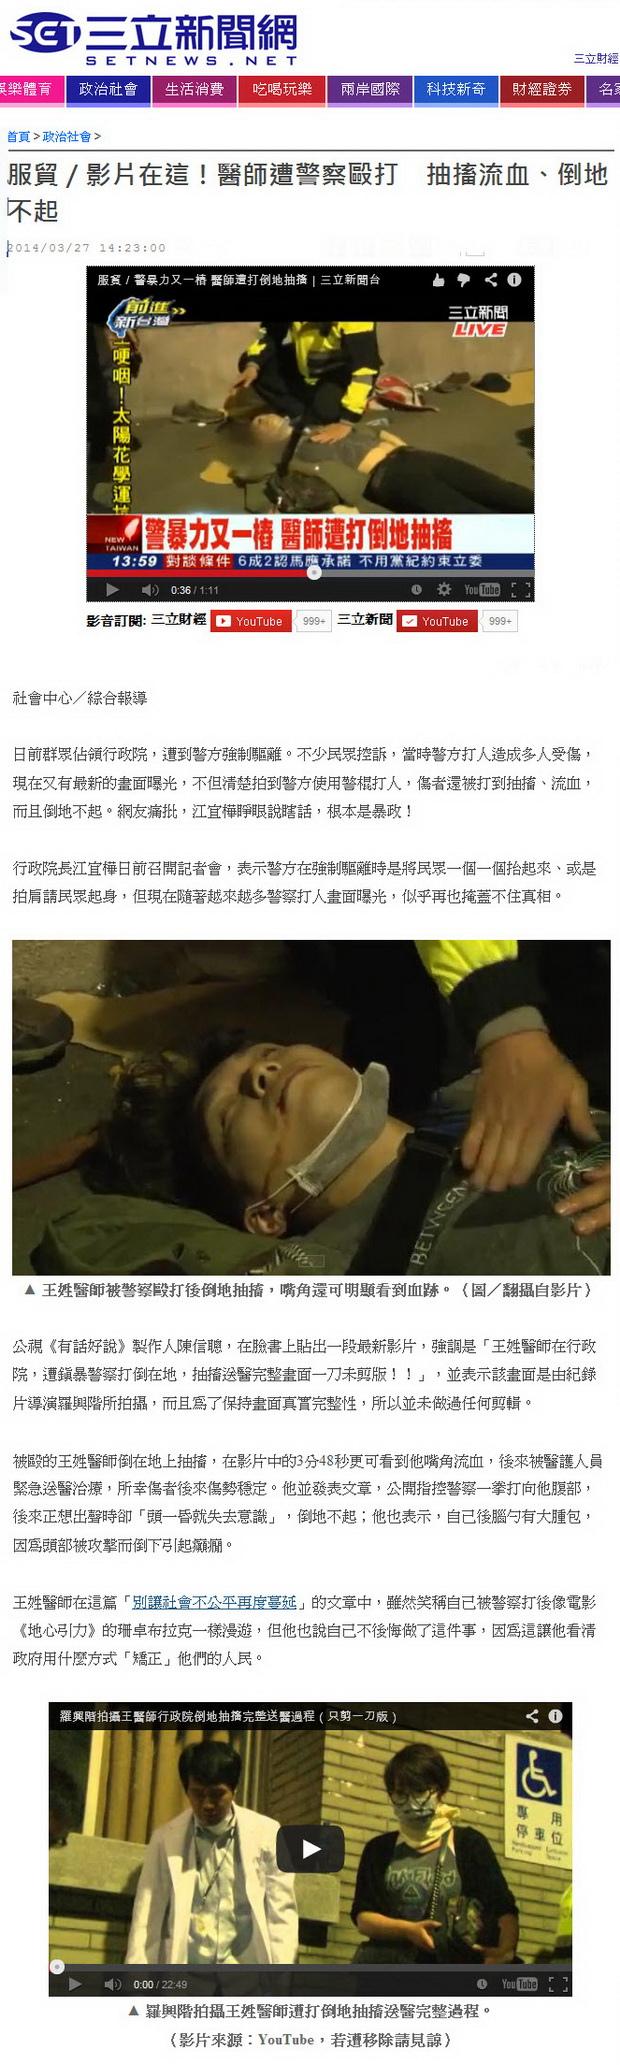 服貿/影片在這!醫師遭警察毆打 抽搐流血、倒地不起-2014.03.27.jpg